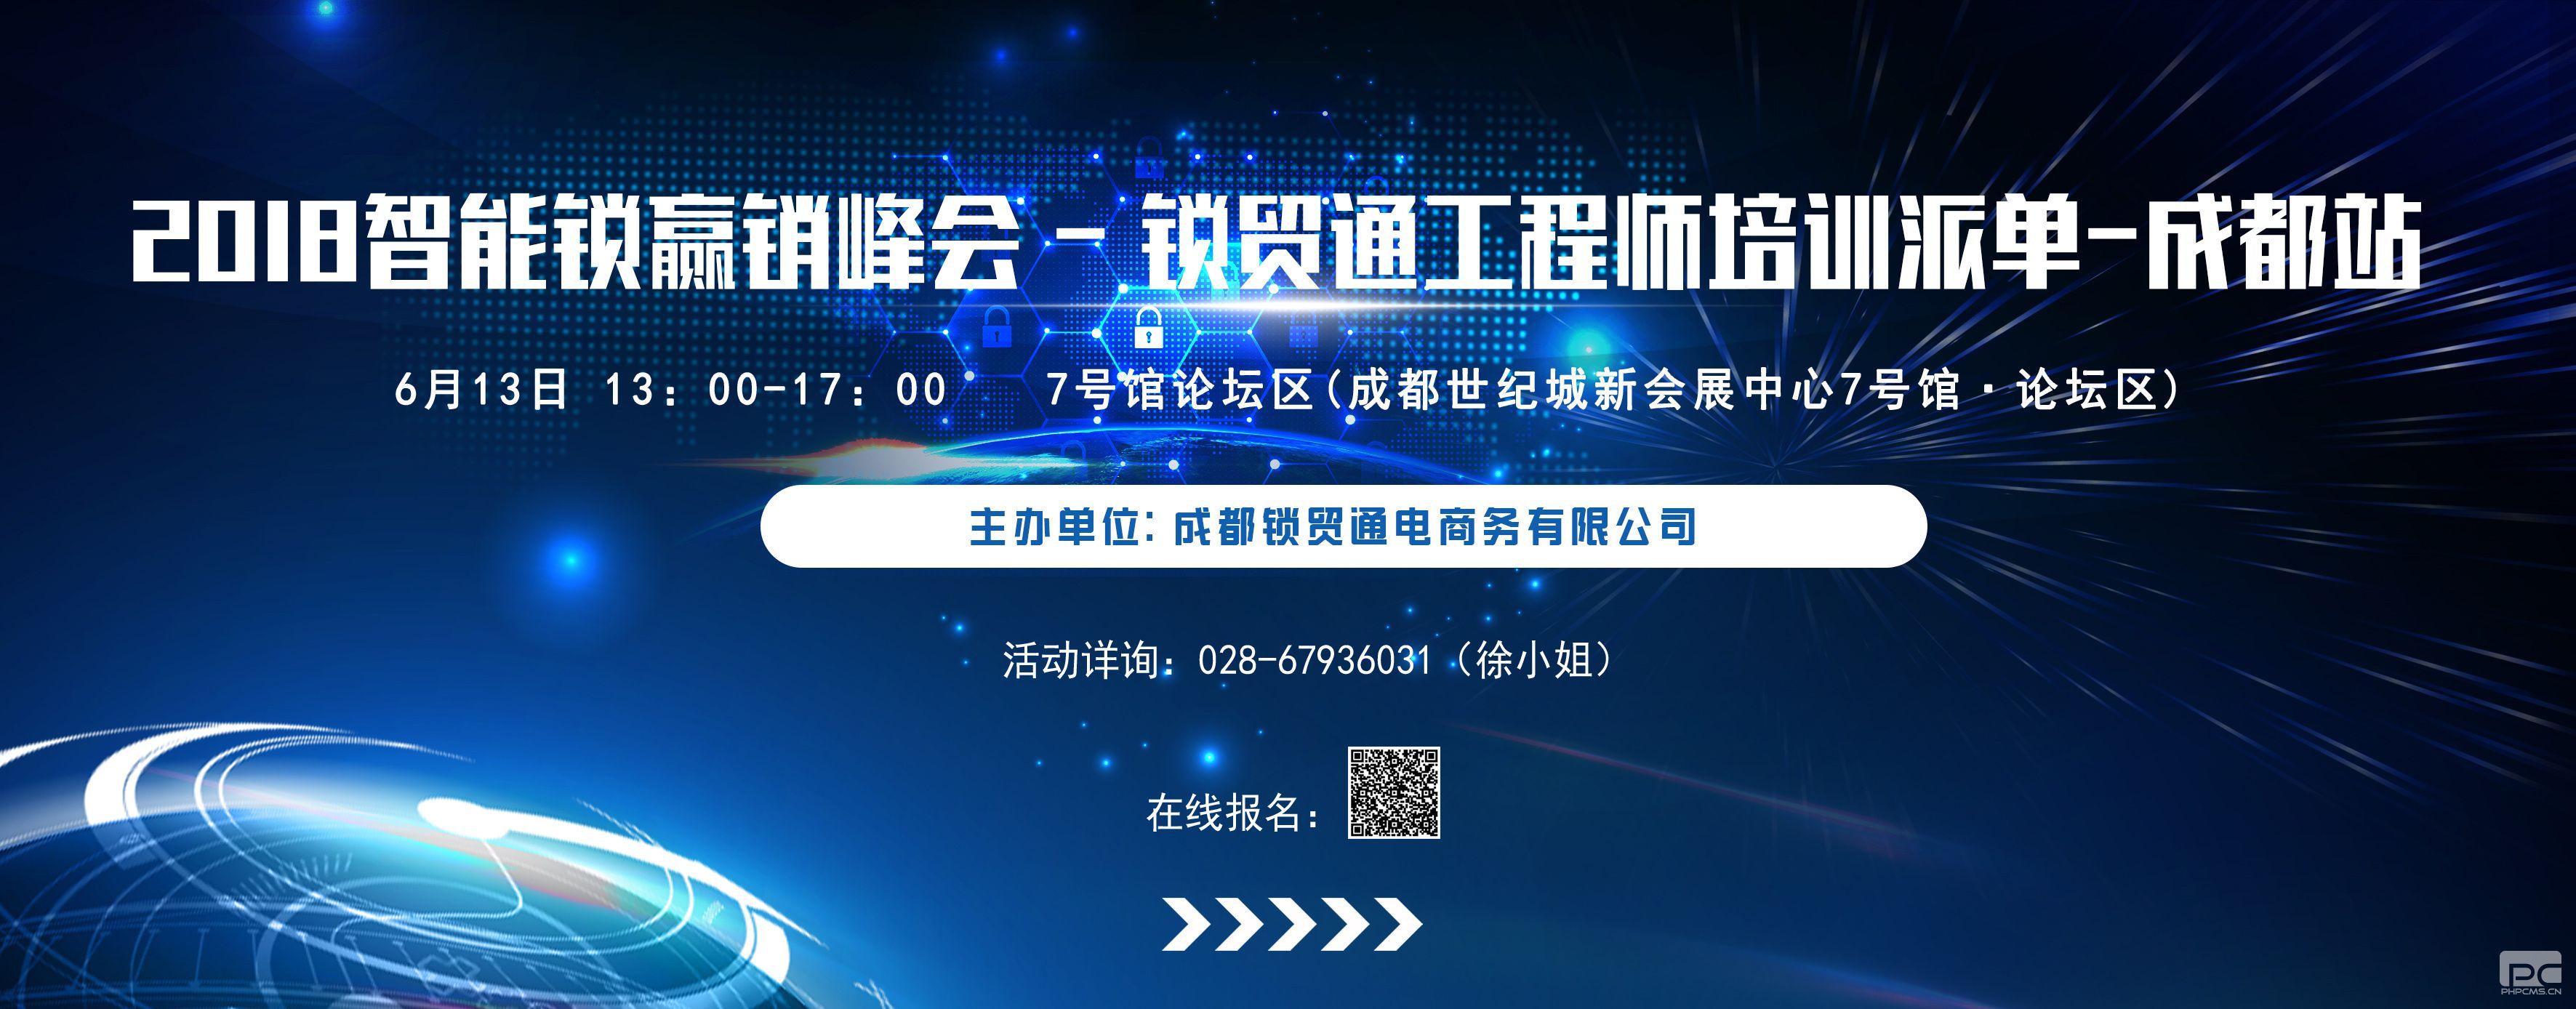 2018智能锁高端品牌赢销峰会 —暨锁贸通合作师傅培训派单